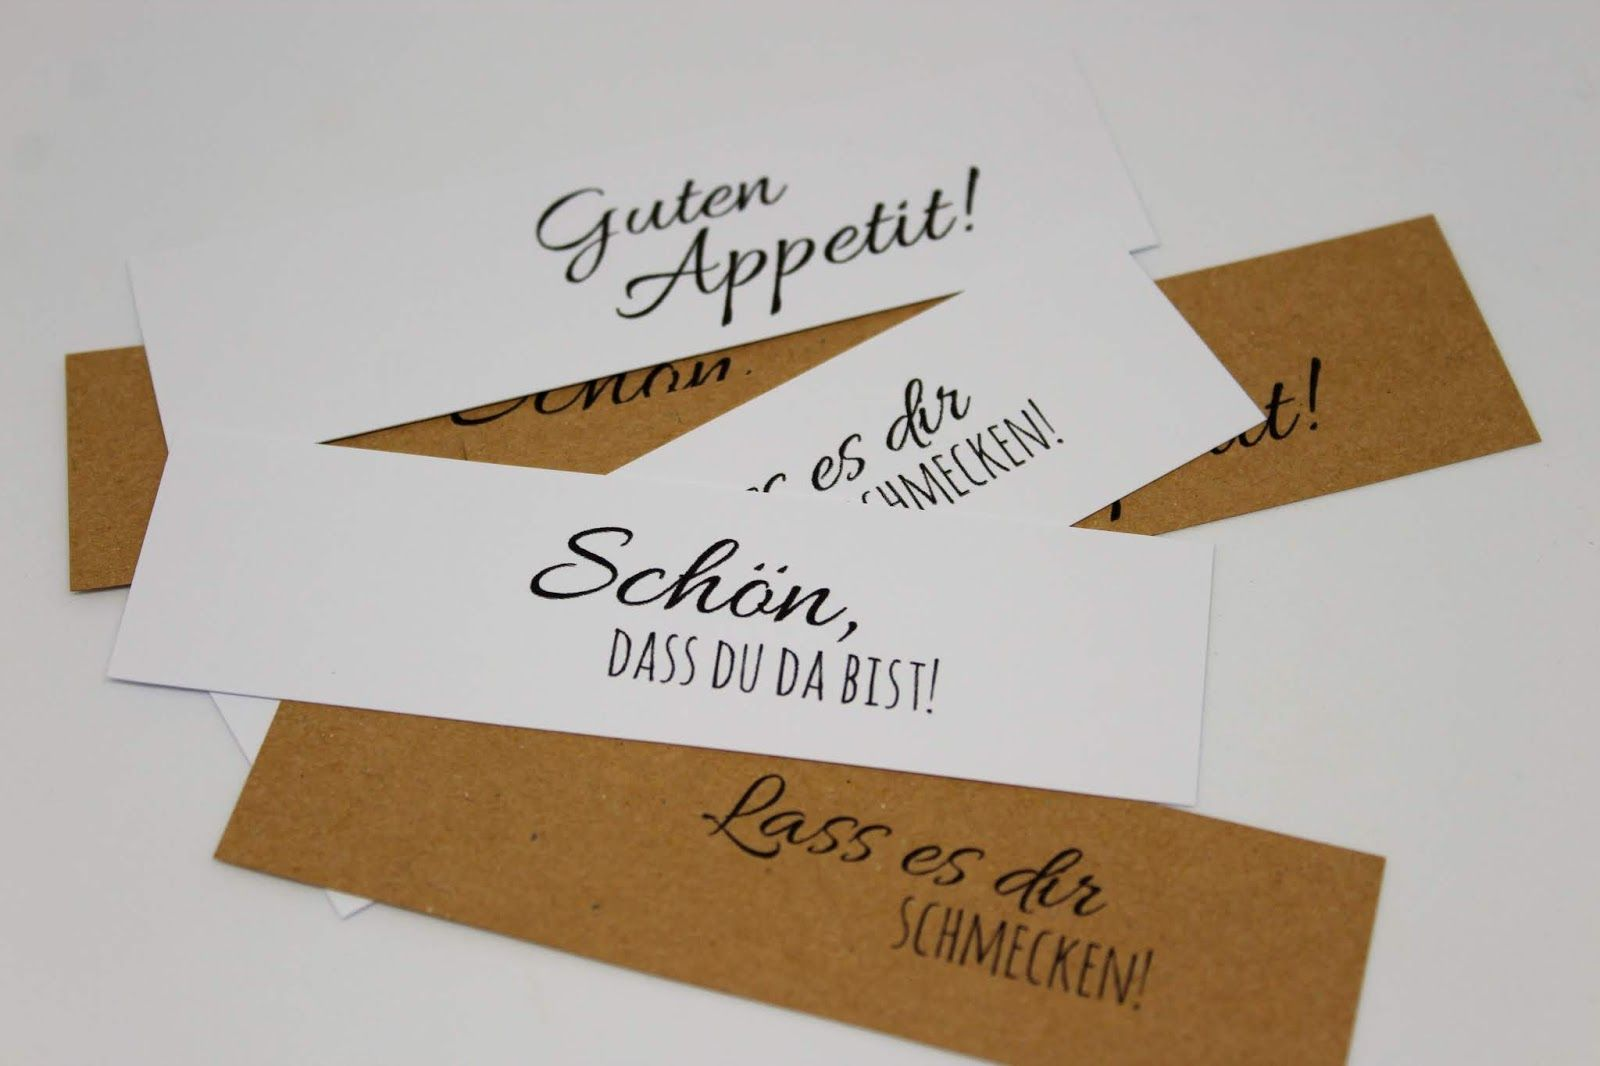 Diy Tischkarten Einfach Selber Machen Kostenlose Vorlagen Hochzeit Tischkarten Basteln Hochzeit Tischkarten Basteln Kostenlose Vorlagen